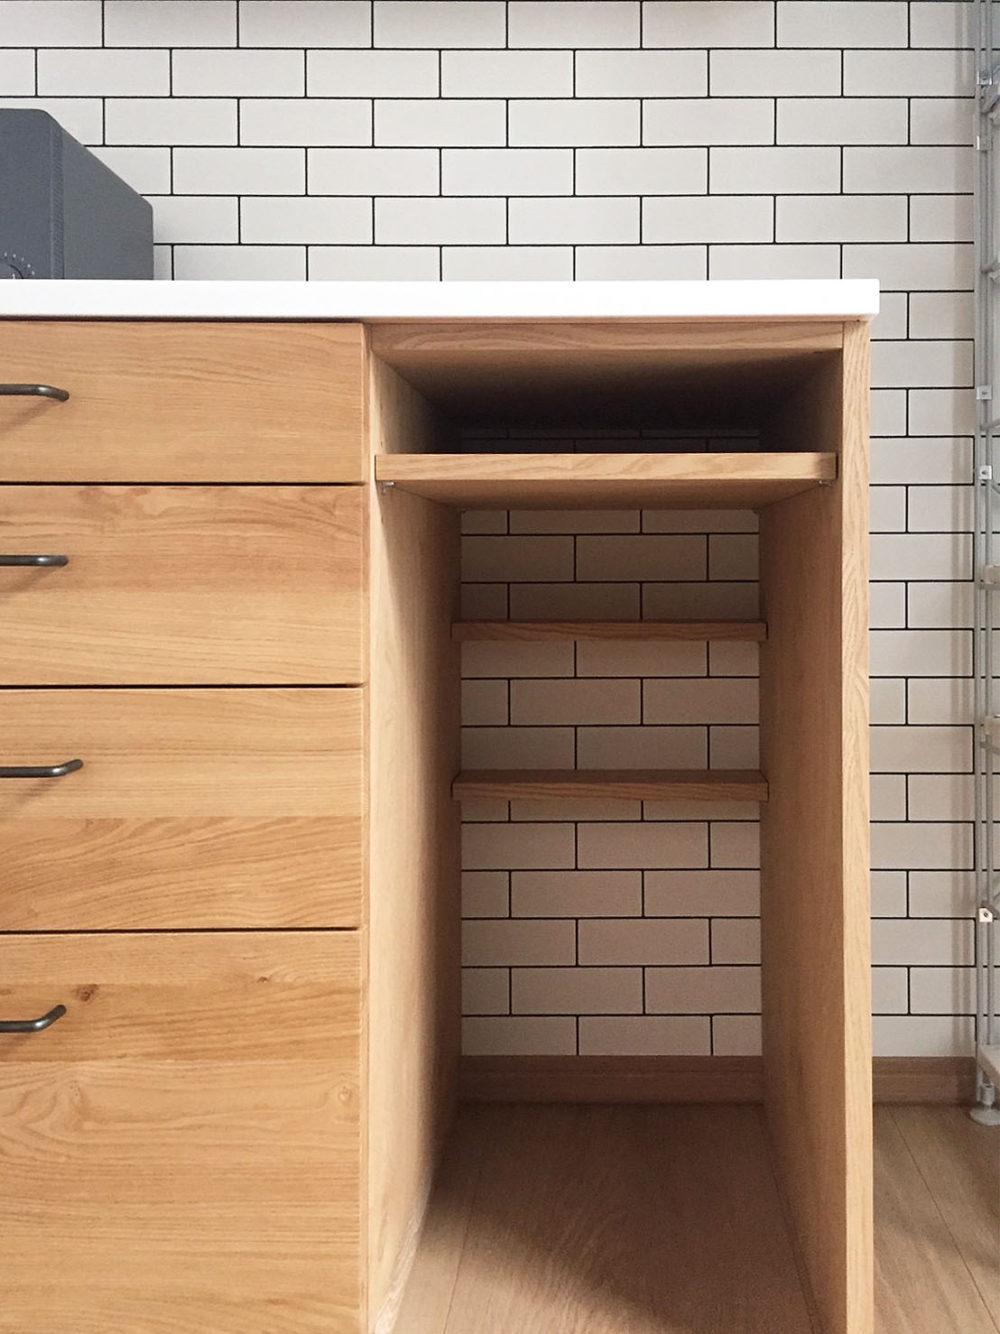 オーダー家具・カップボード食器棚/東北・宮城・仙台